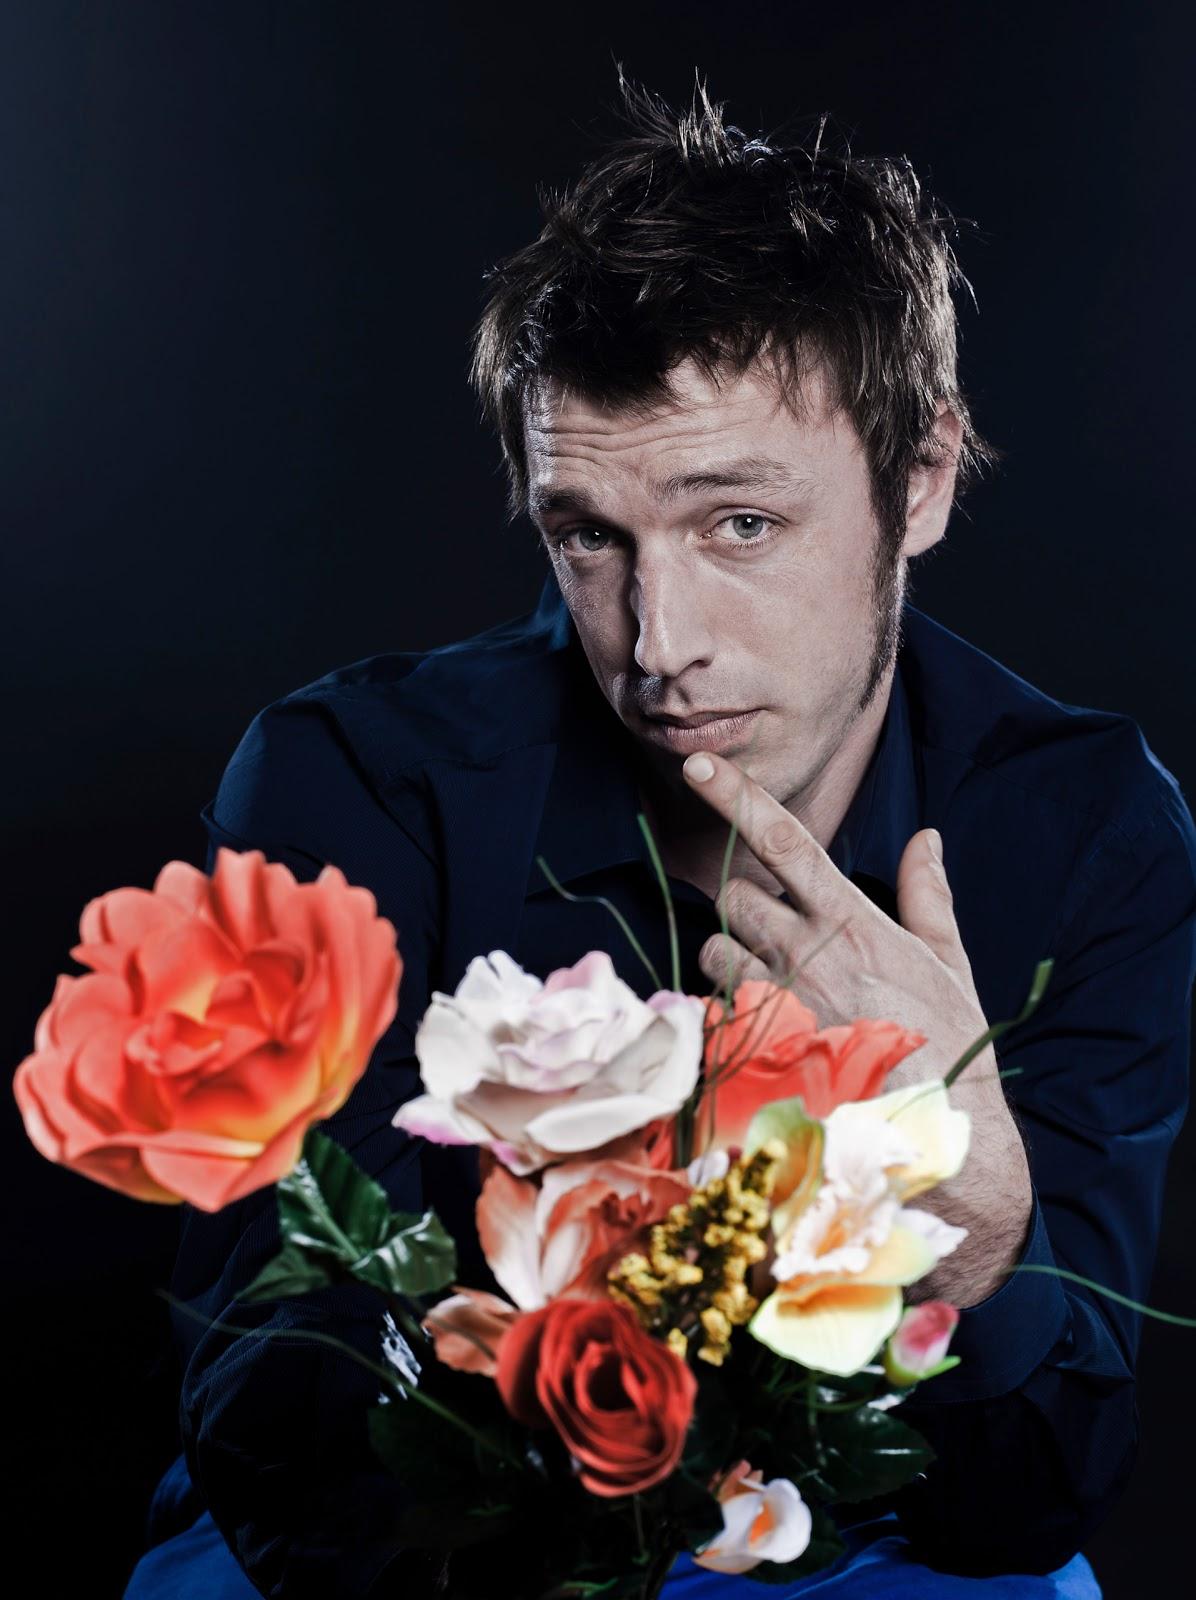 Мужик с букетом цветов фото